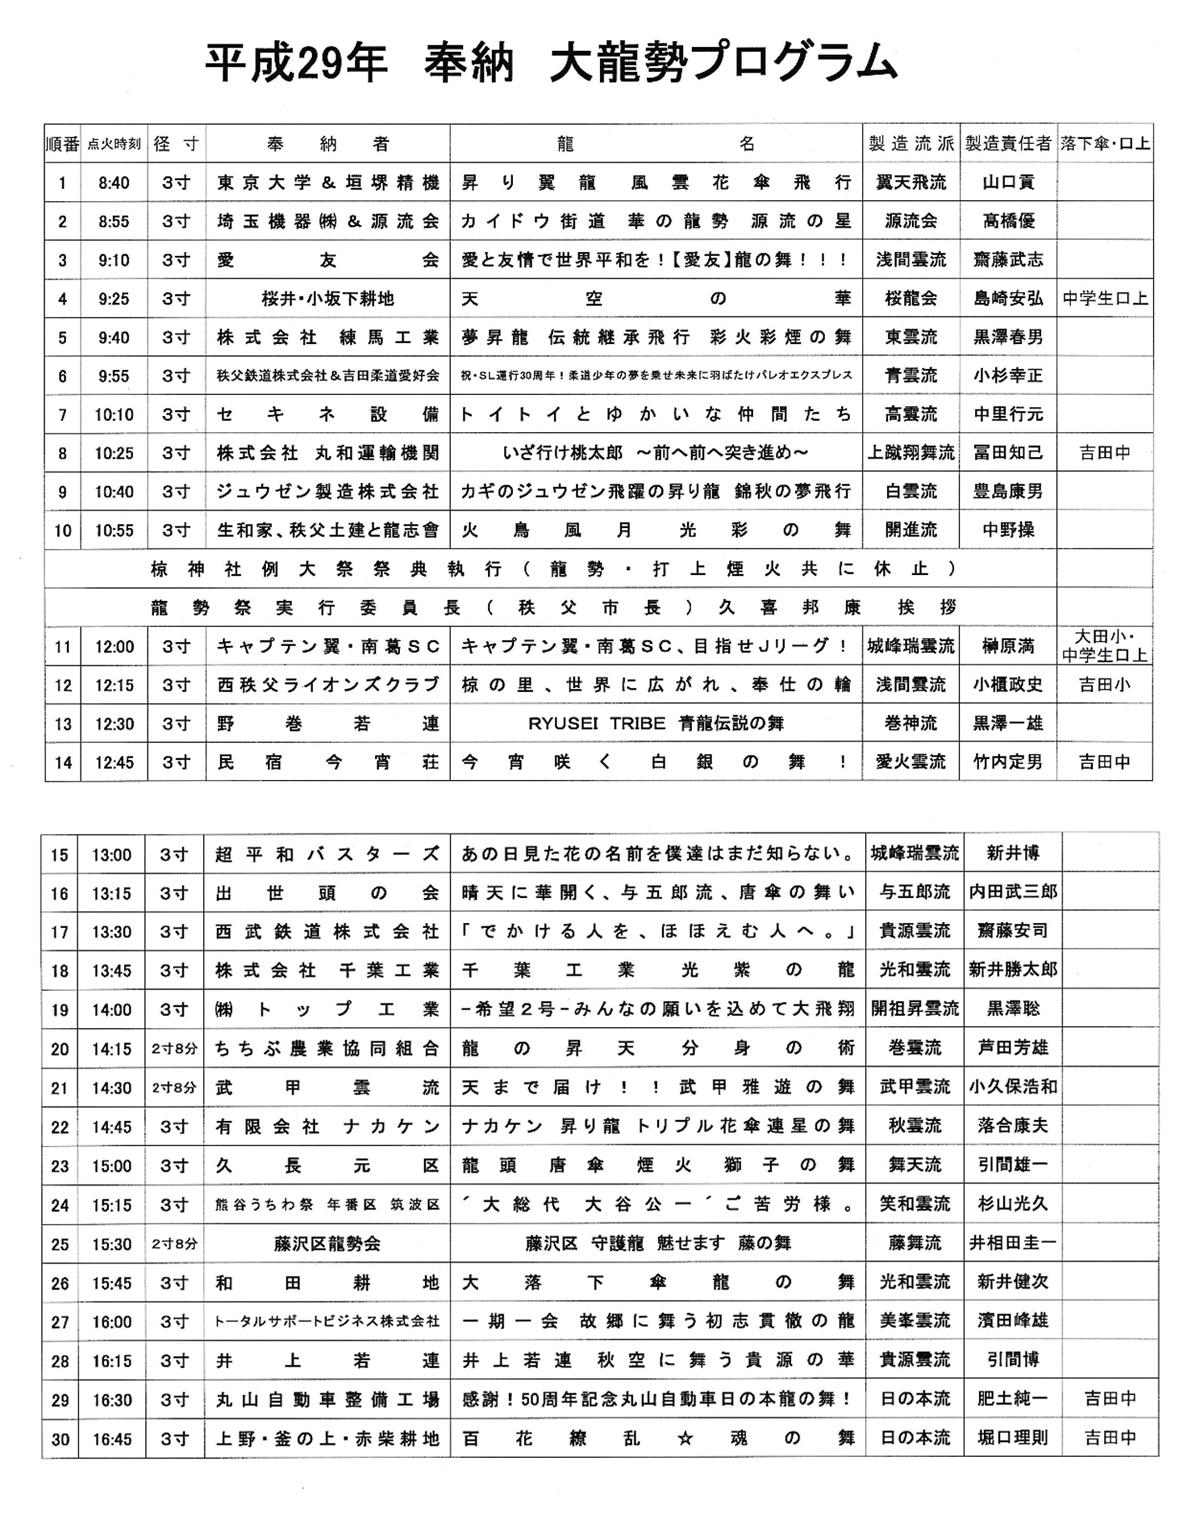 平成29年奉納大龍勢プログラム